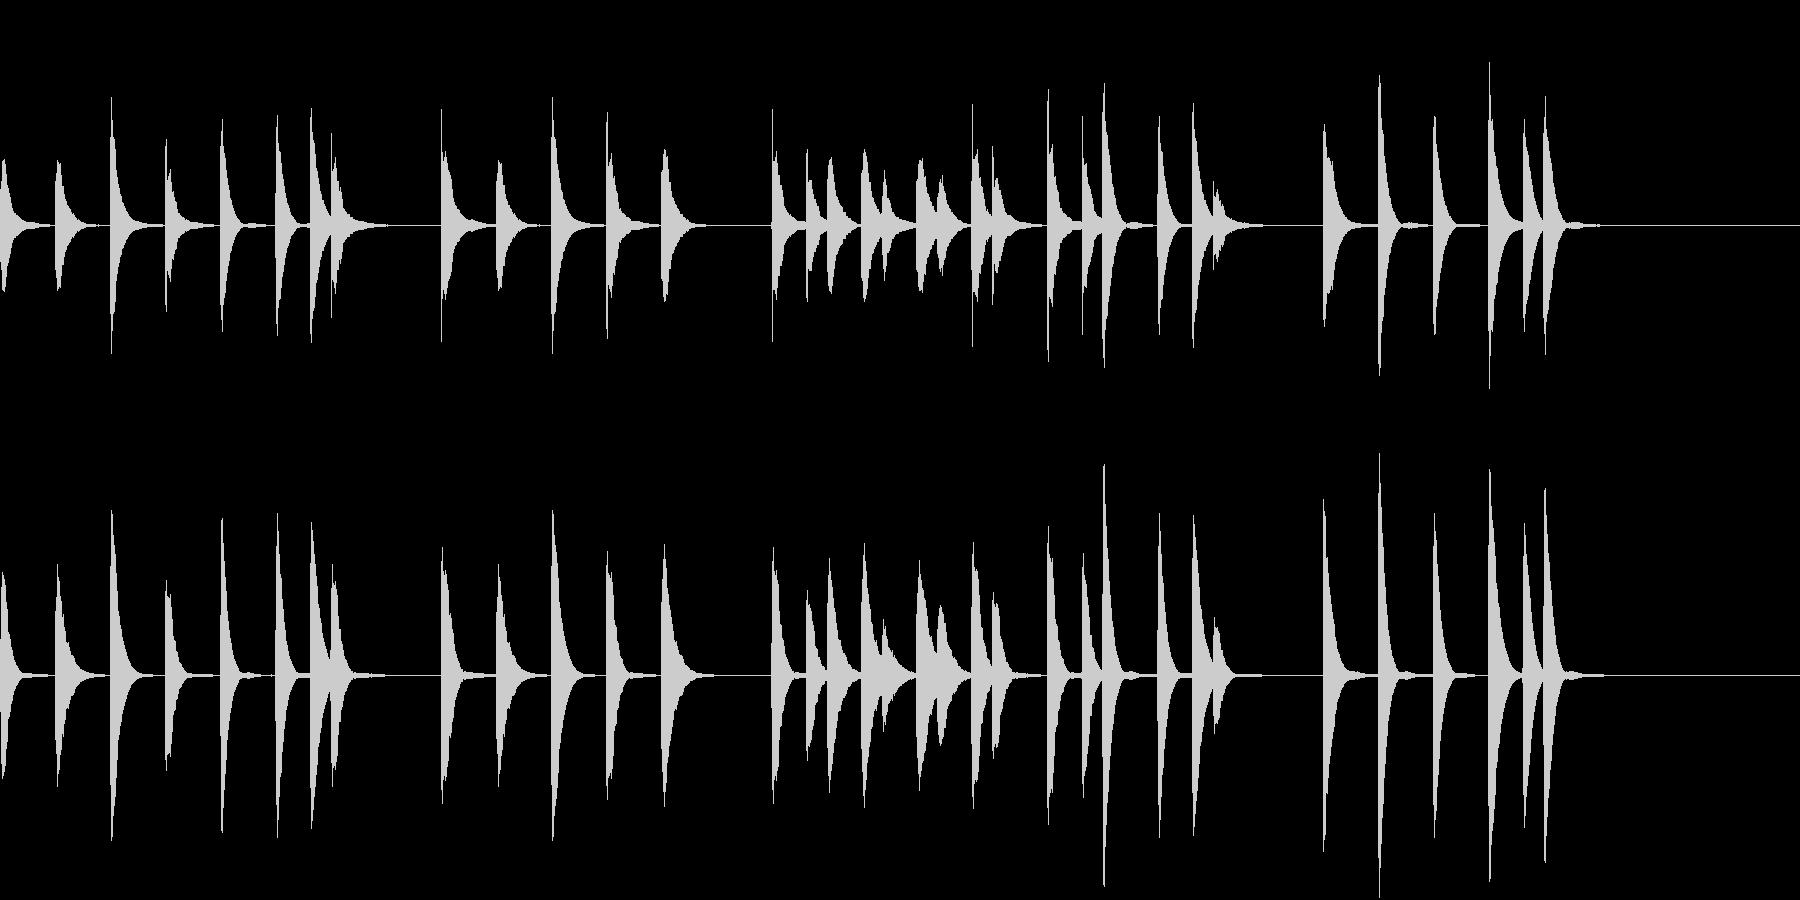 明るい健康をイメージしたピアノメロディの未再生の波形